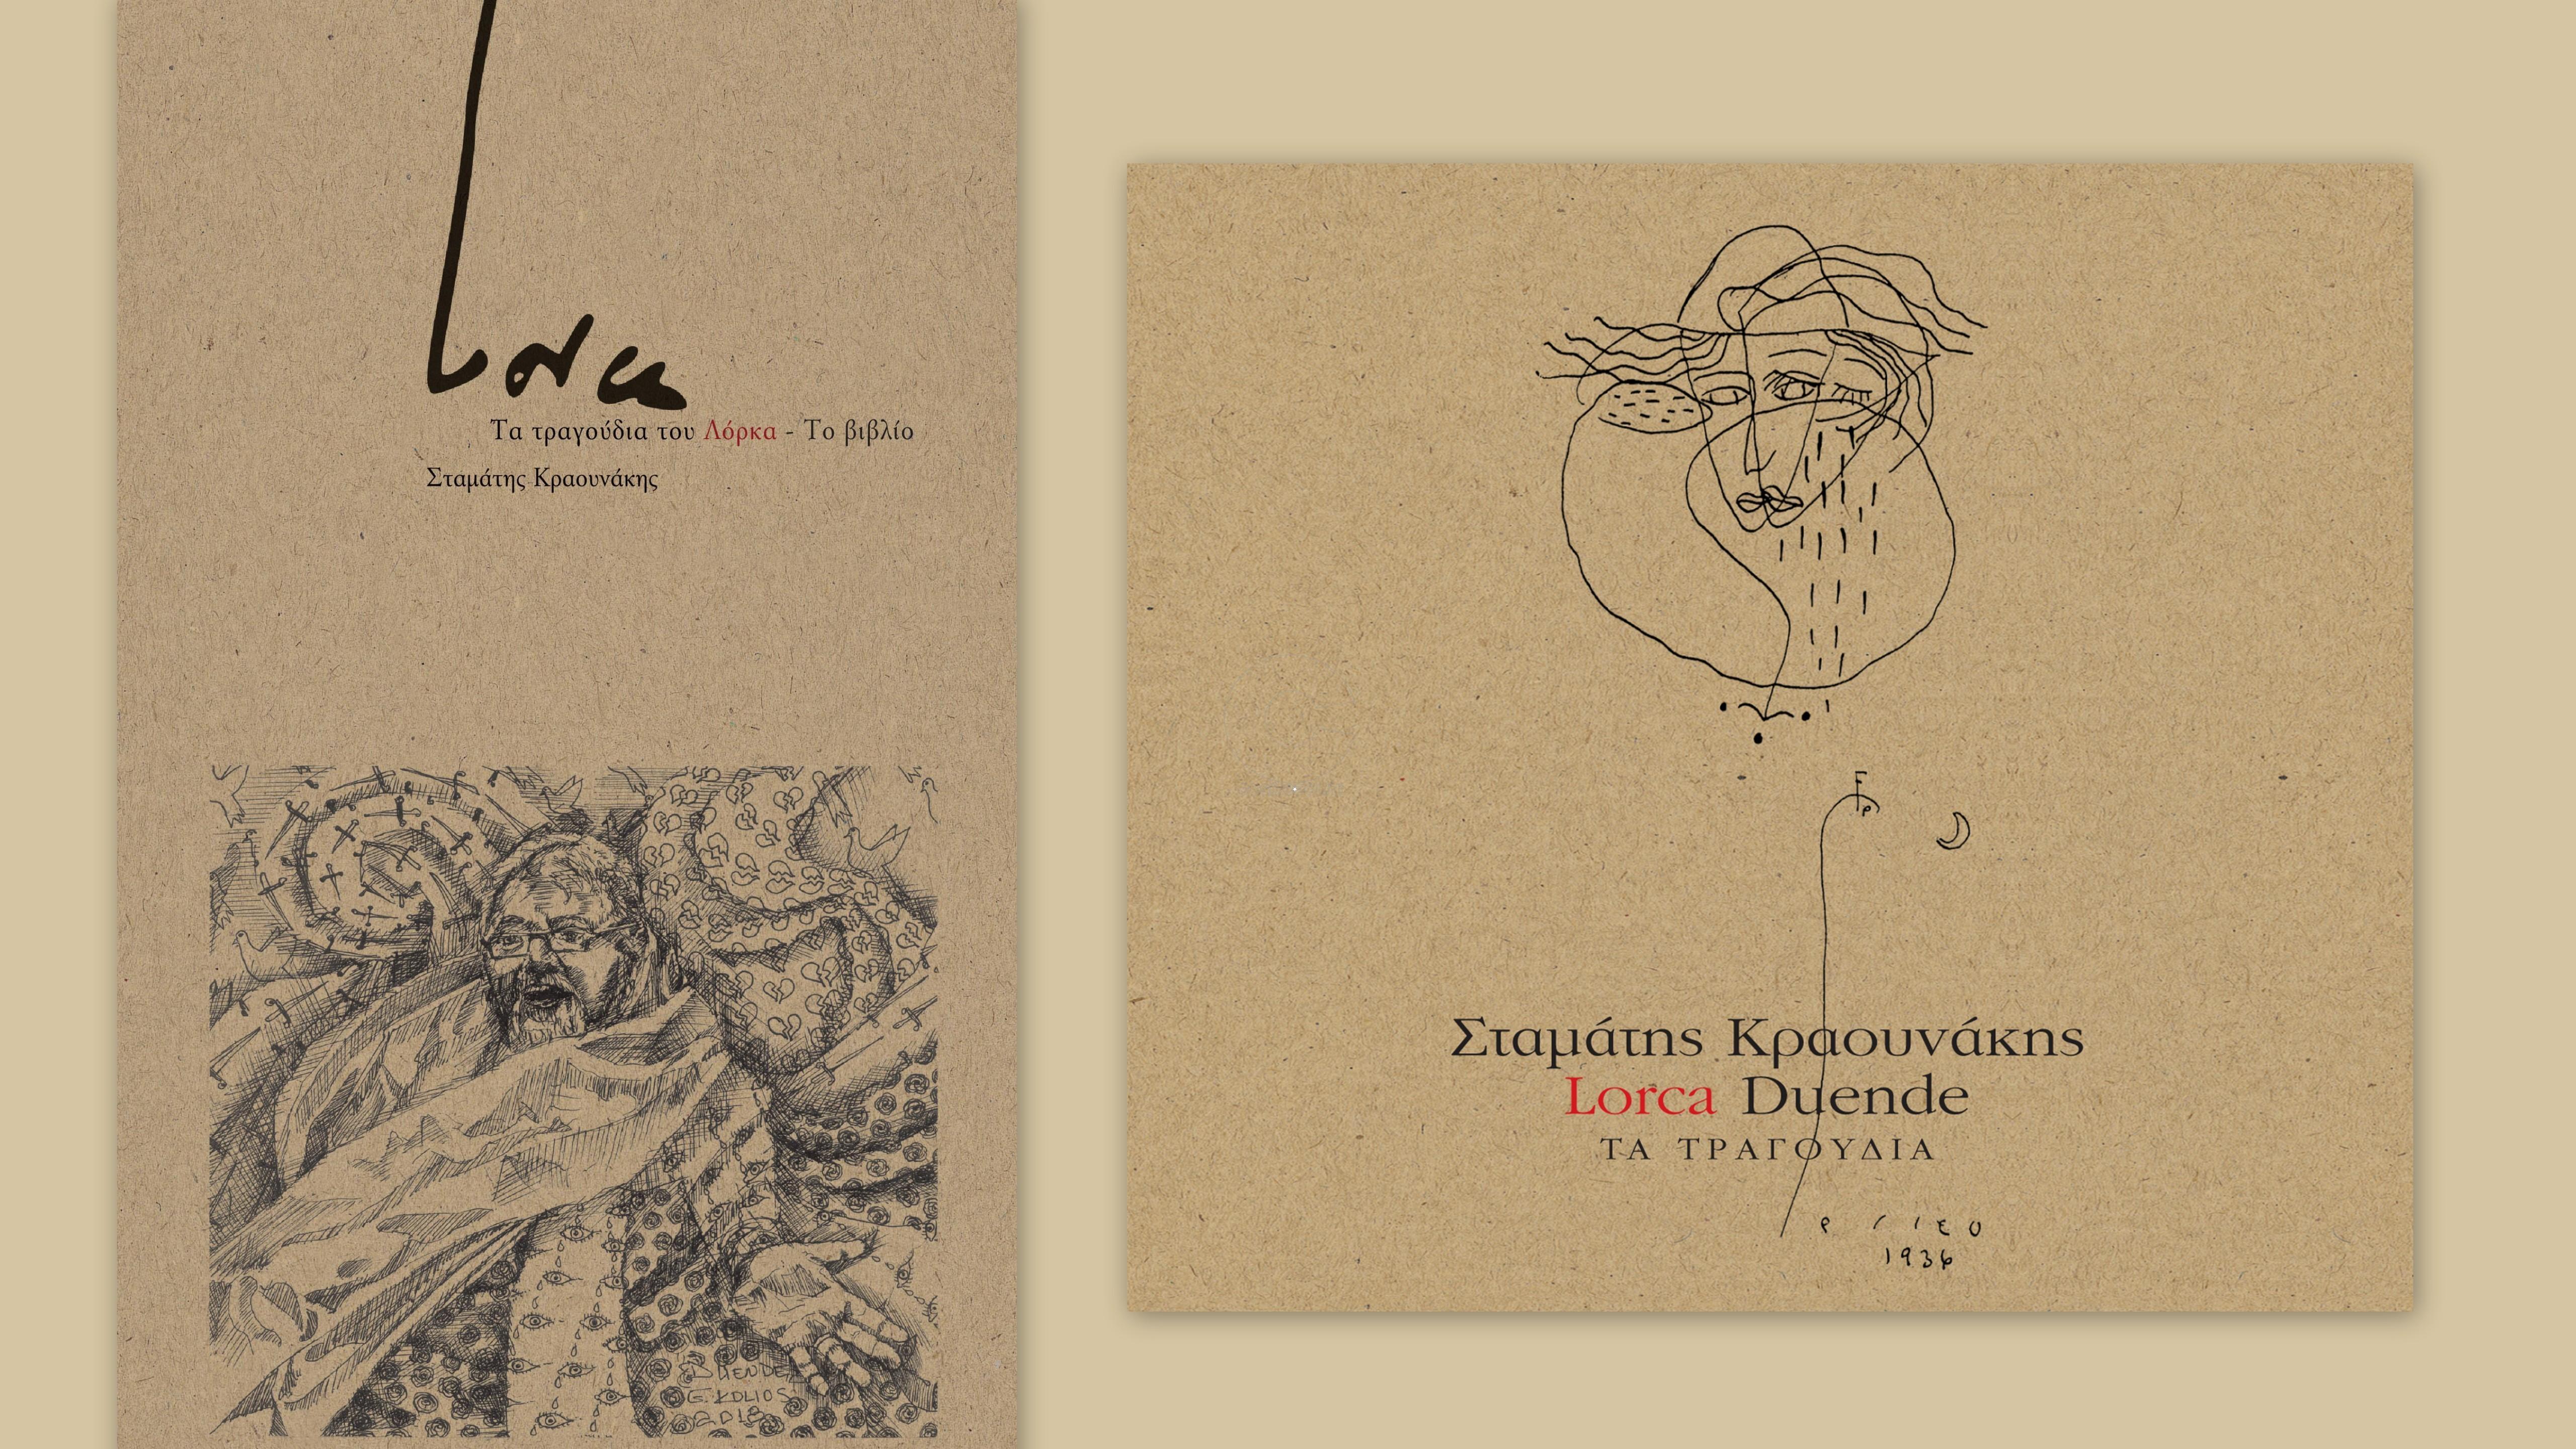 cd+book